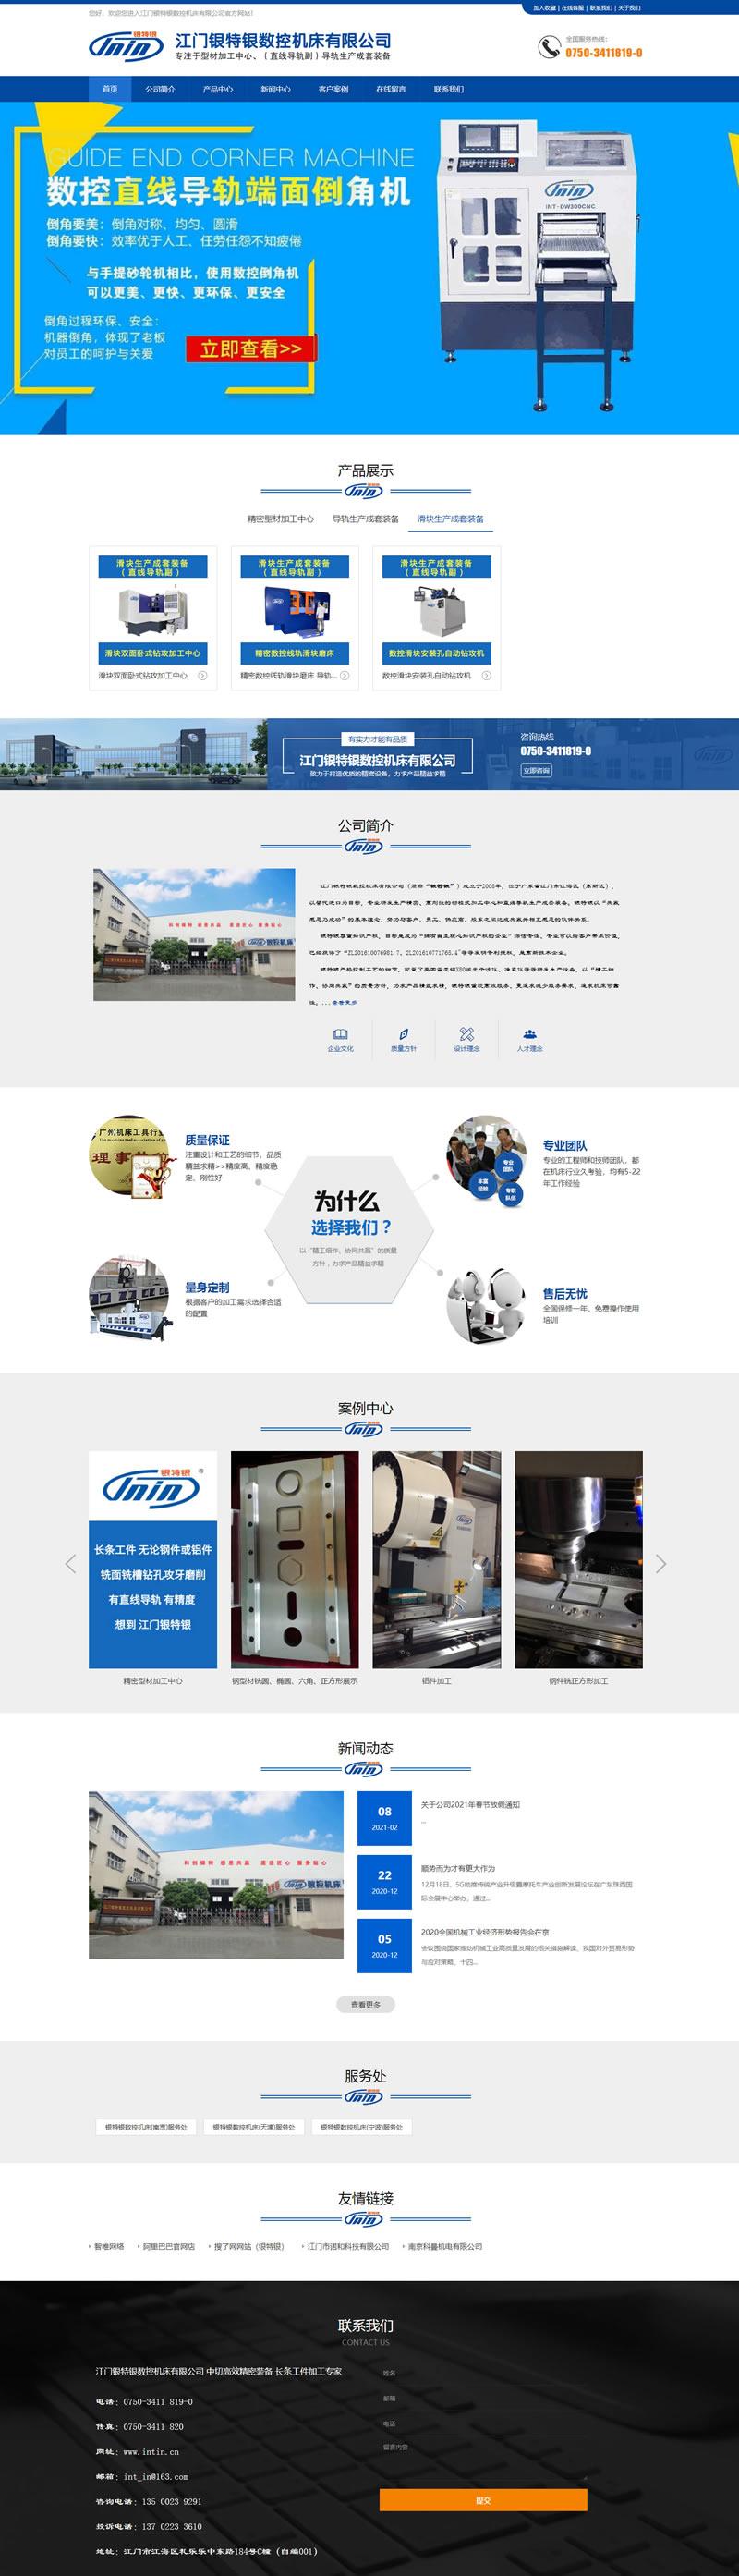 数控机床营销型响应式网站